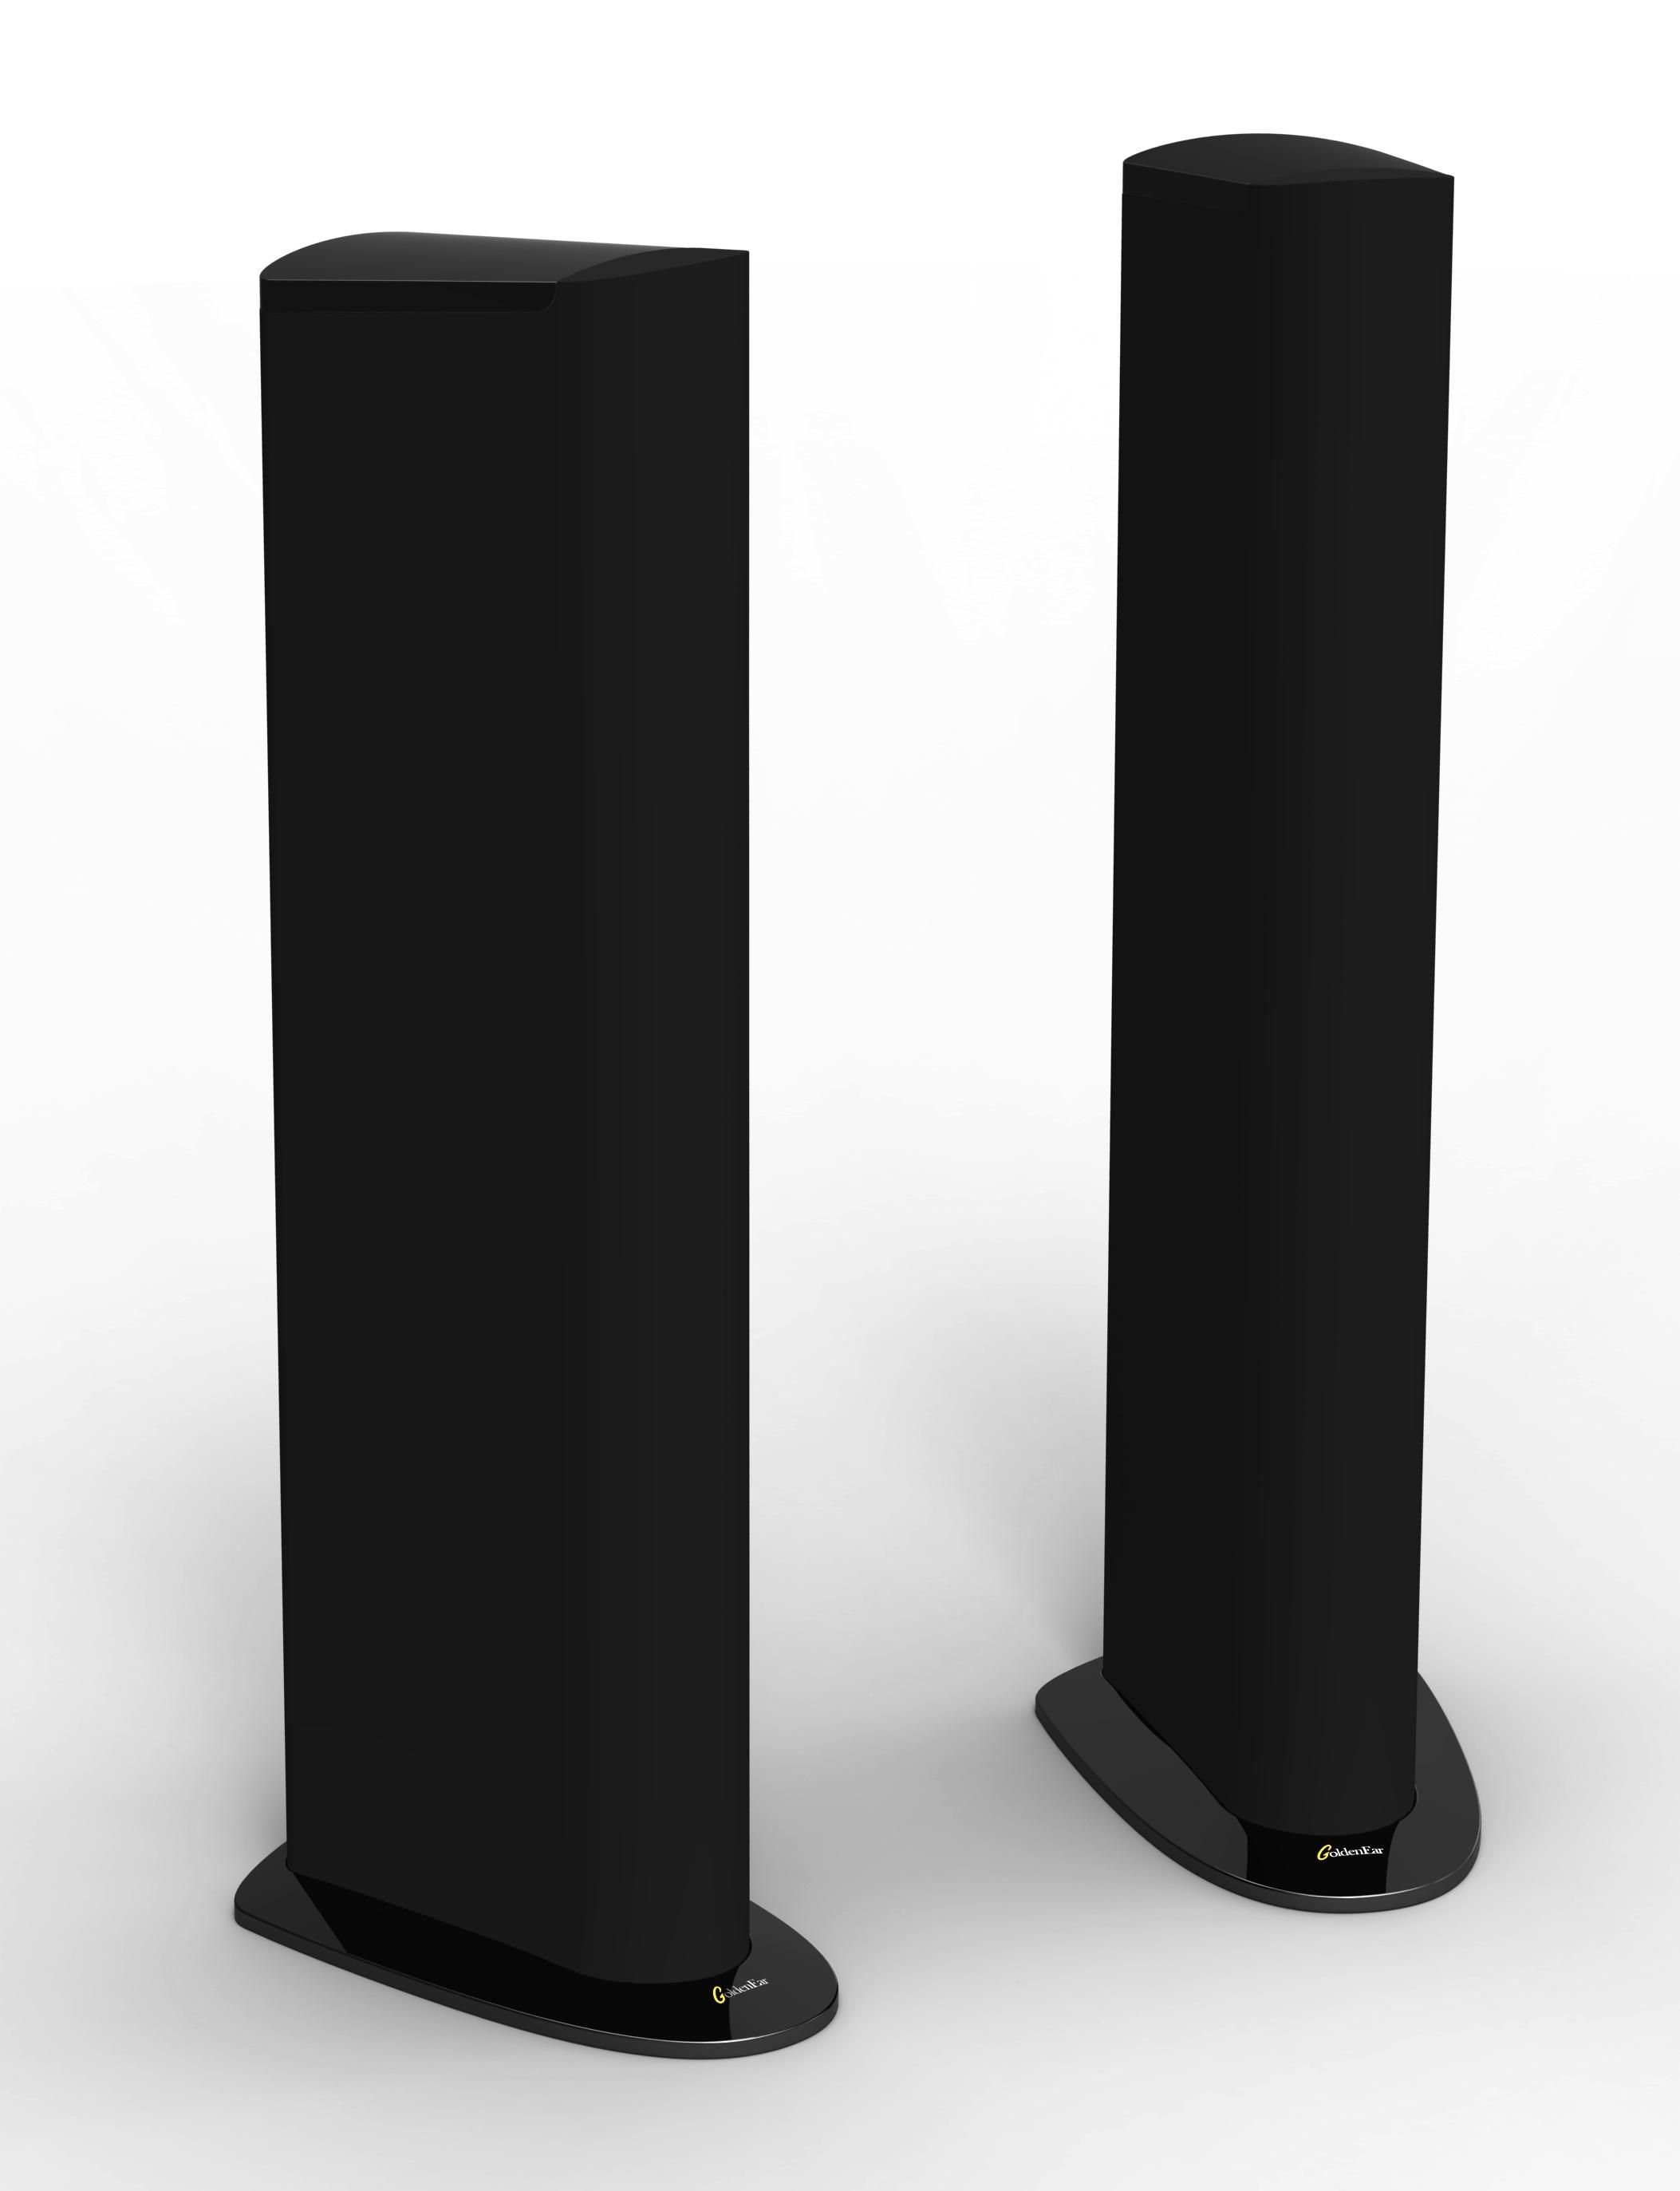 GoldenEar Technology Triton Two Floorstanding Speaker